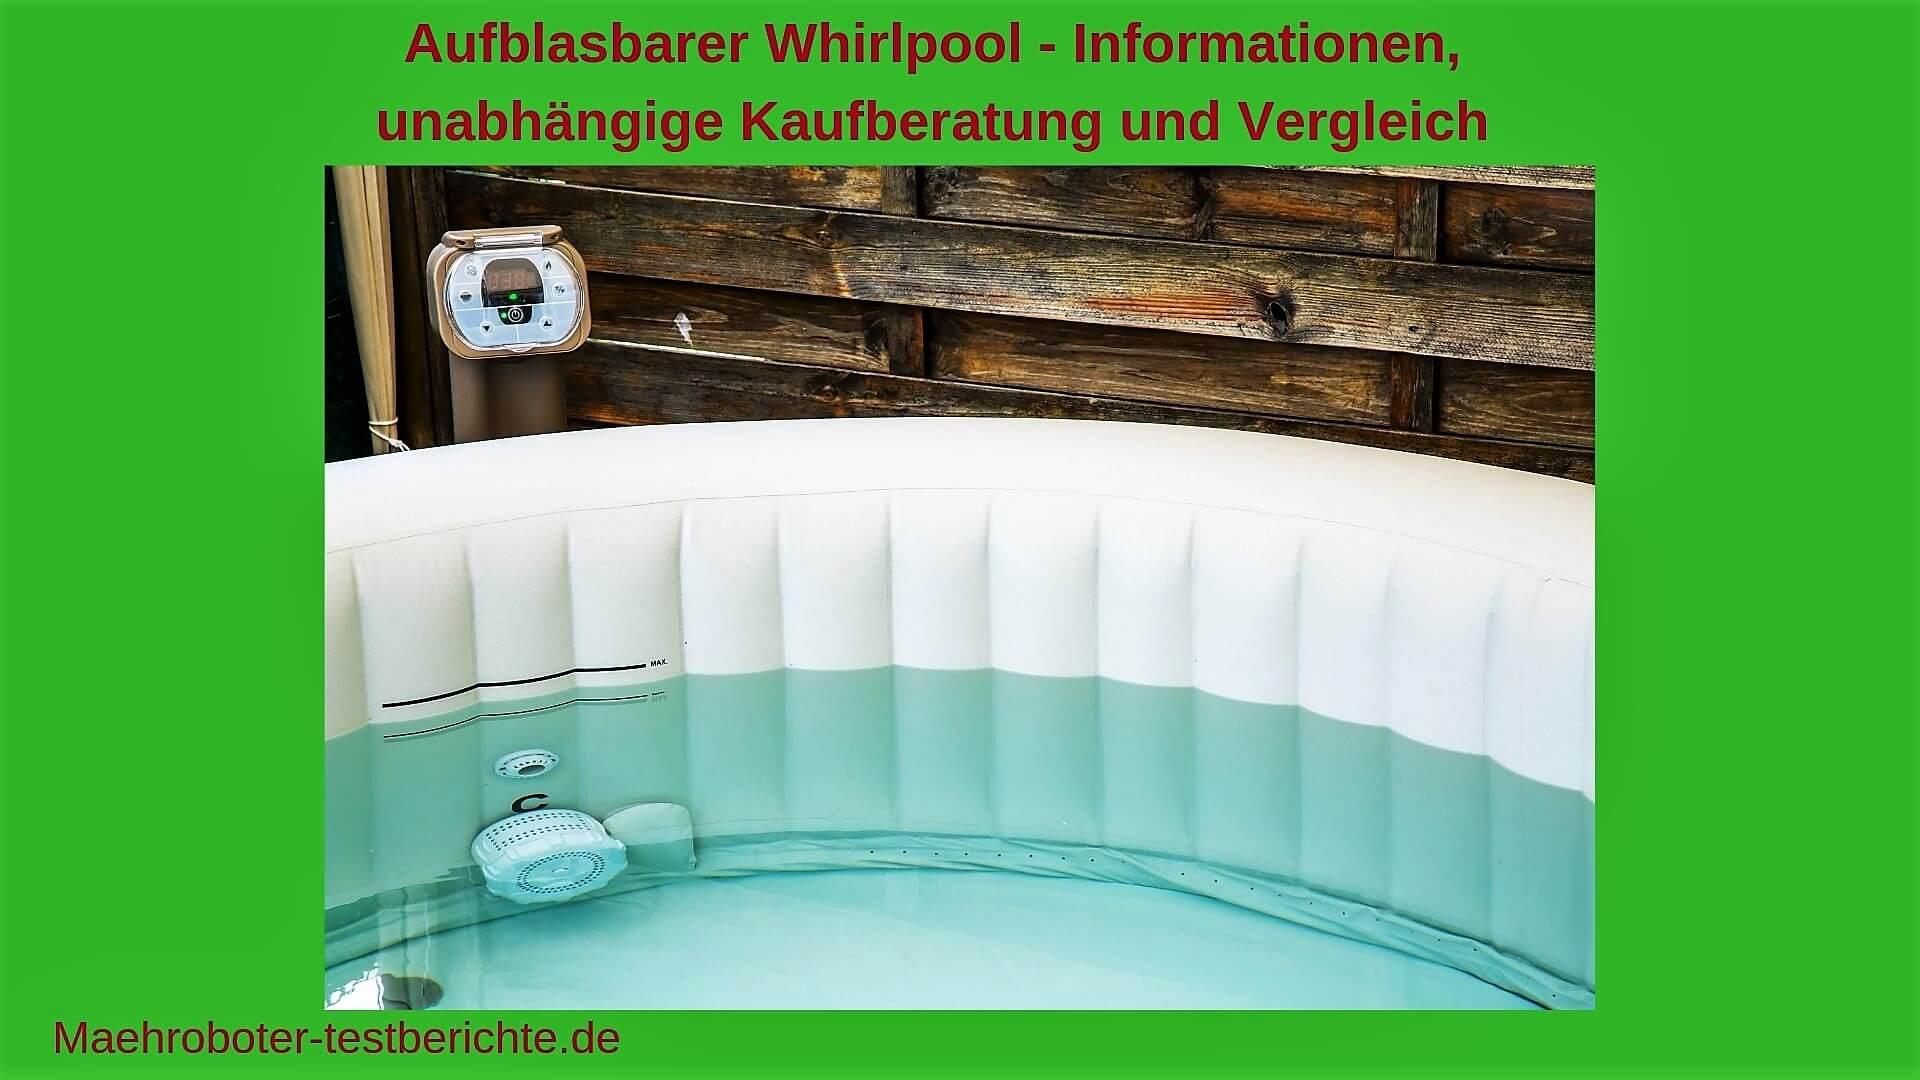 Full Size of Whirlpool Aufblasbar 2 Personen Test 2020 Stiftung Warentest Intex Hornbach Bauhaus Aufblasbarer Winterfest Machen Garten Wohnzimmer Whirlpool Aufblasbar